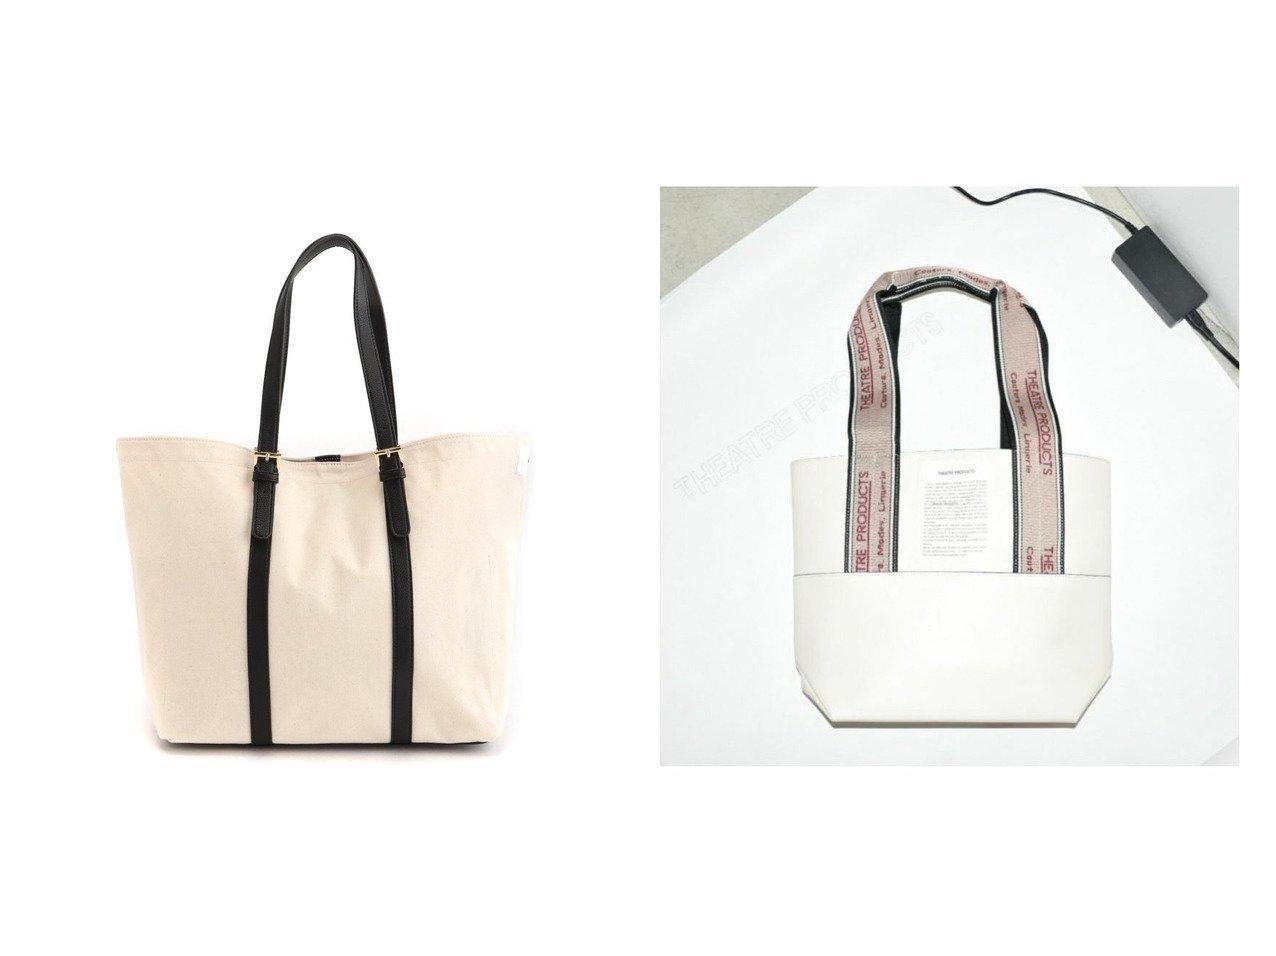 【THEATRE PRODUCTS/シアタープロダクツ】の合皮ジャガードテープバッグ M&【Elura/エルーラ】のオトナキャンバストート 【バッグ・鞄】おすすめ!人気、トレンド・レディースファッションの通販 おすすめで人気の流行・トレンド、ファッションの通販商品 メンズファッション・キッズファッション・インテリア・家具・レディースファッション・服の通販 founy(ファニー) https://founy.com/ ファッション Fashion レディースファッション WOMEN バッグ Bag NEW・新作・新着・新入荷 New Arrivals シンプル ポケット アクセサリー エレガント  ID:crp329100000035516